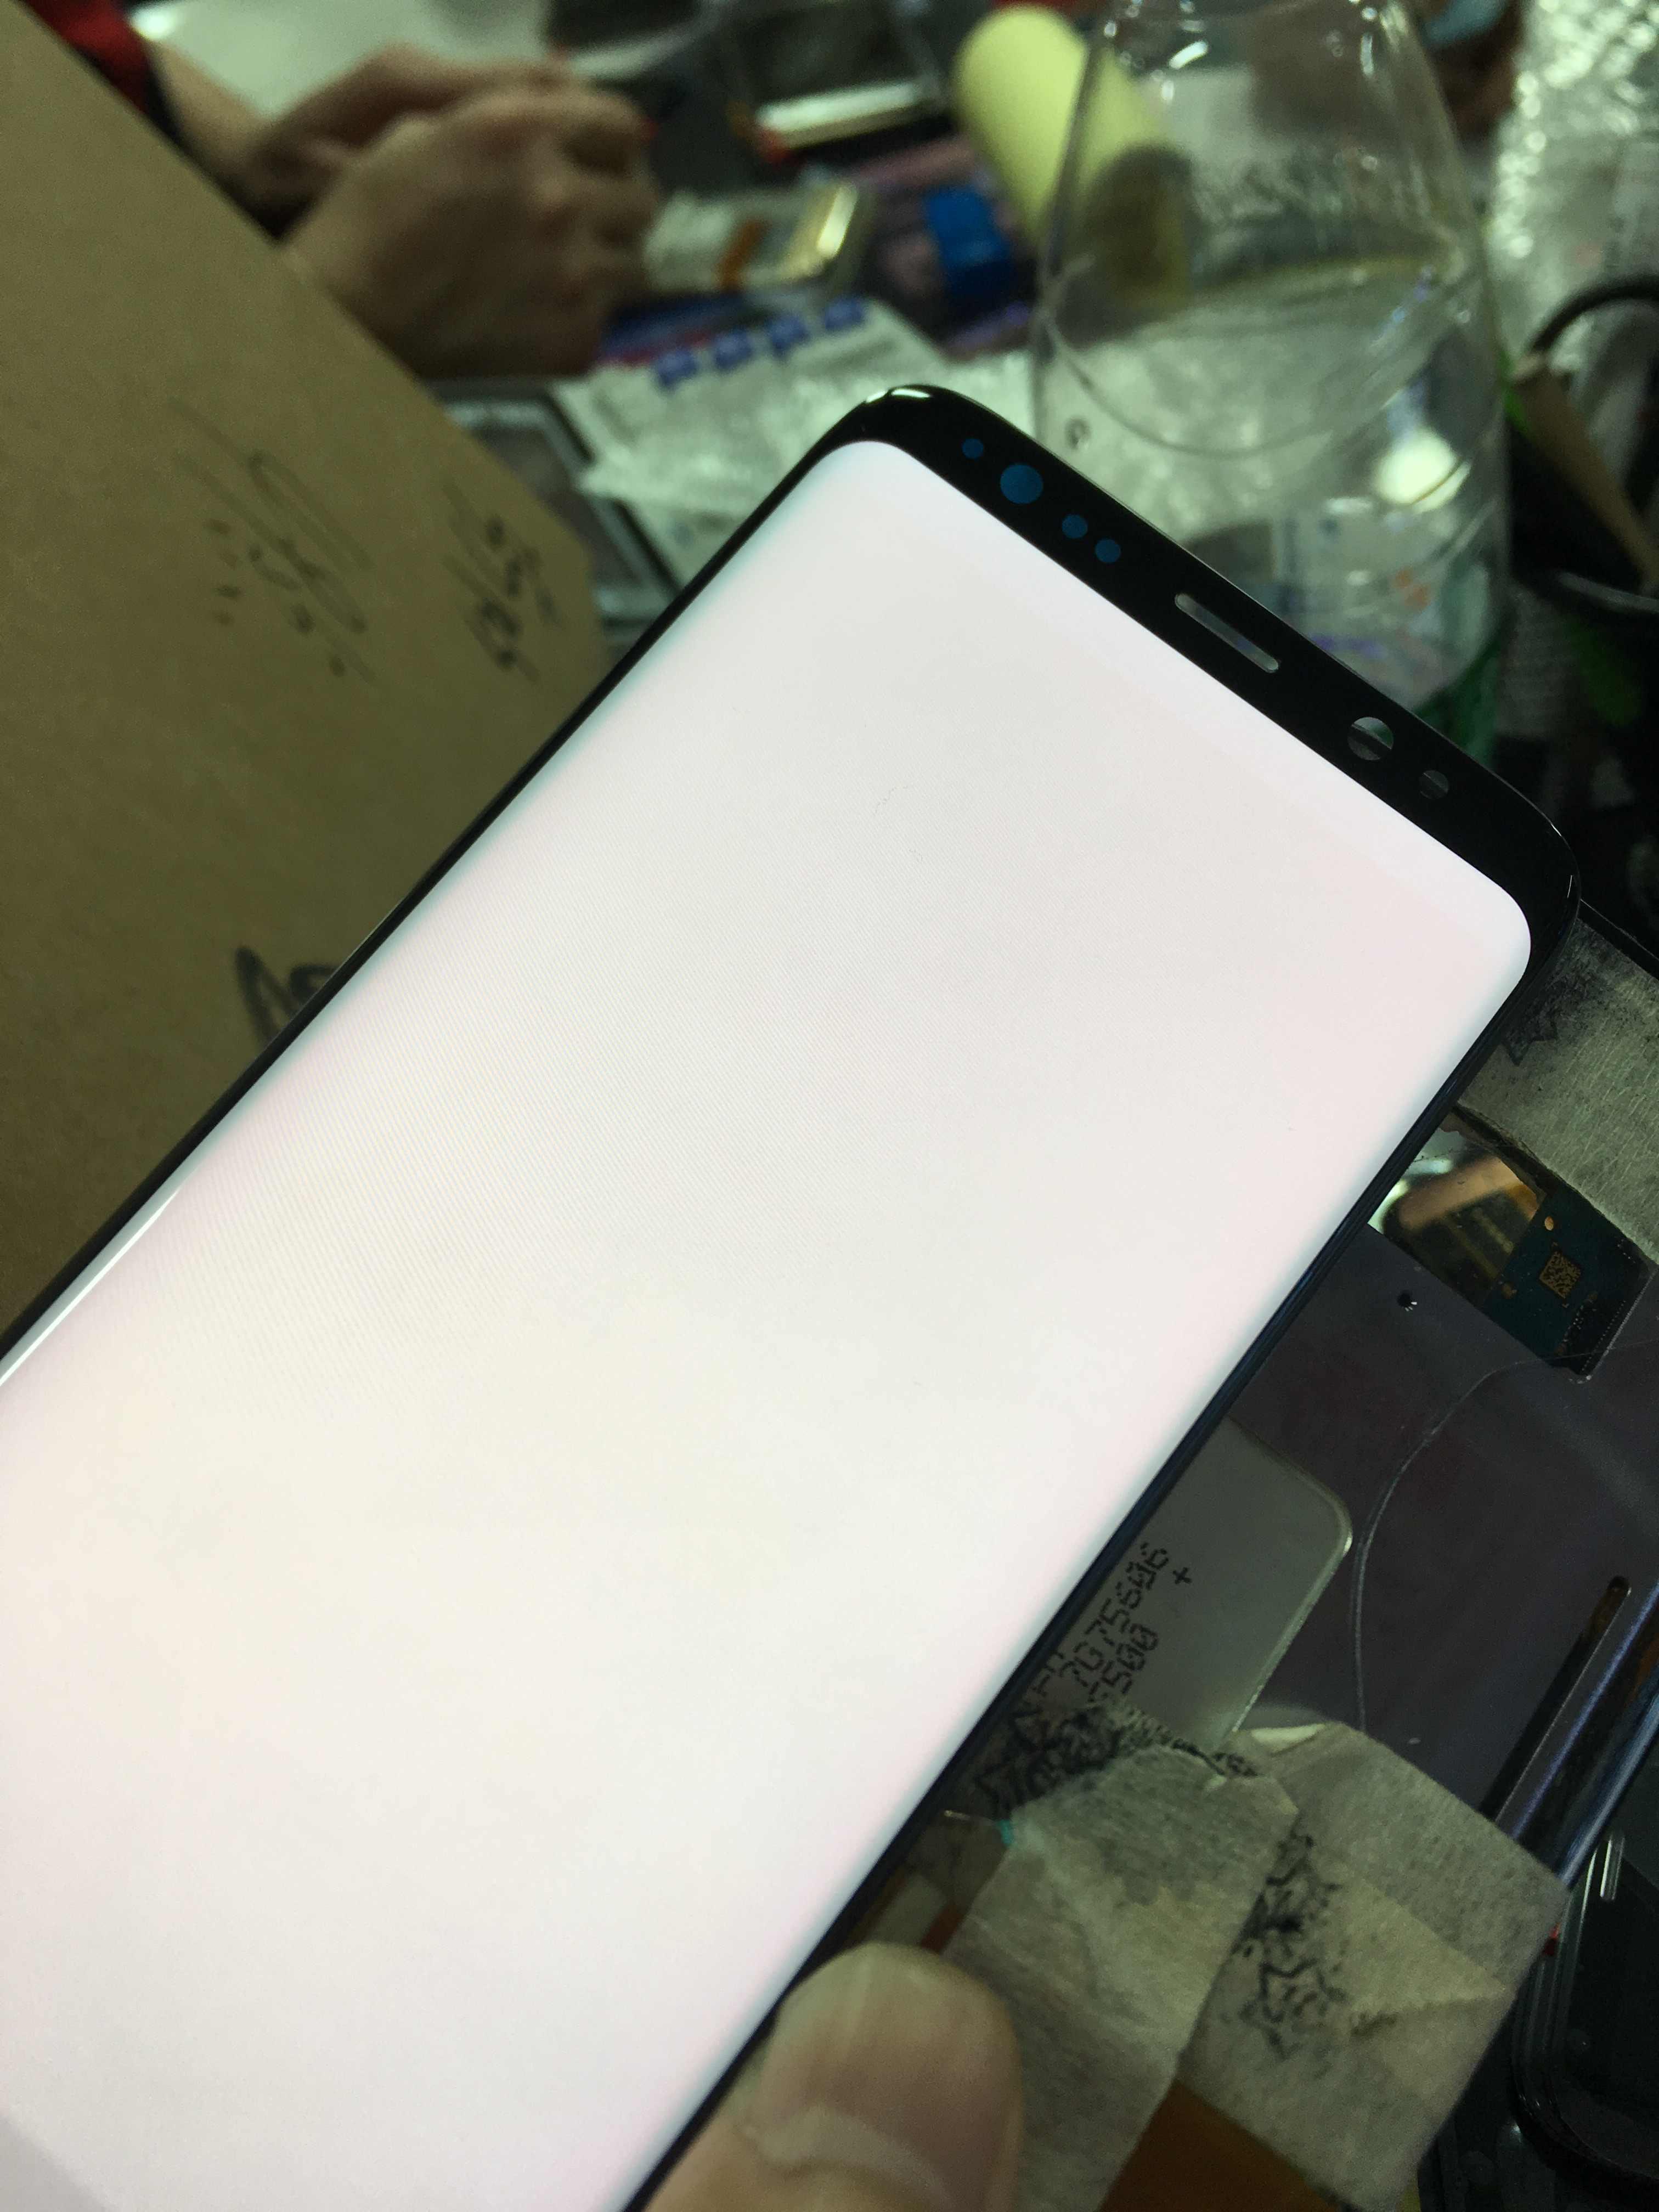 سوبر AMOLED الأصلي شاشات LCD لسامسونج ملاحظة 8 N950FD N950U LCD الشاشة ل ملاحظة 8 N950F عرض مجموعة المحولات الرقمية لشاشة تعمل بلمس